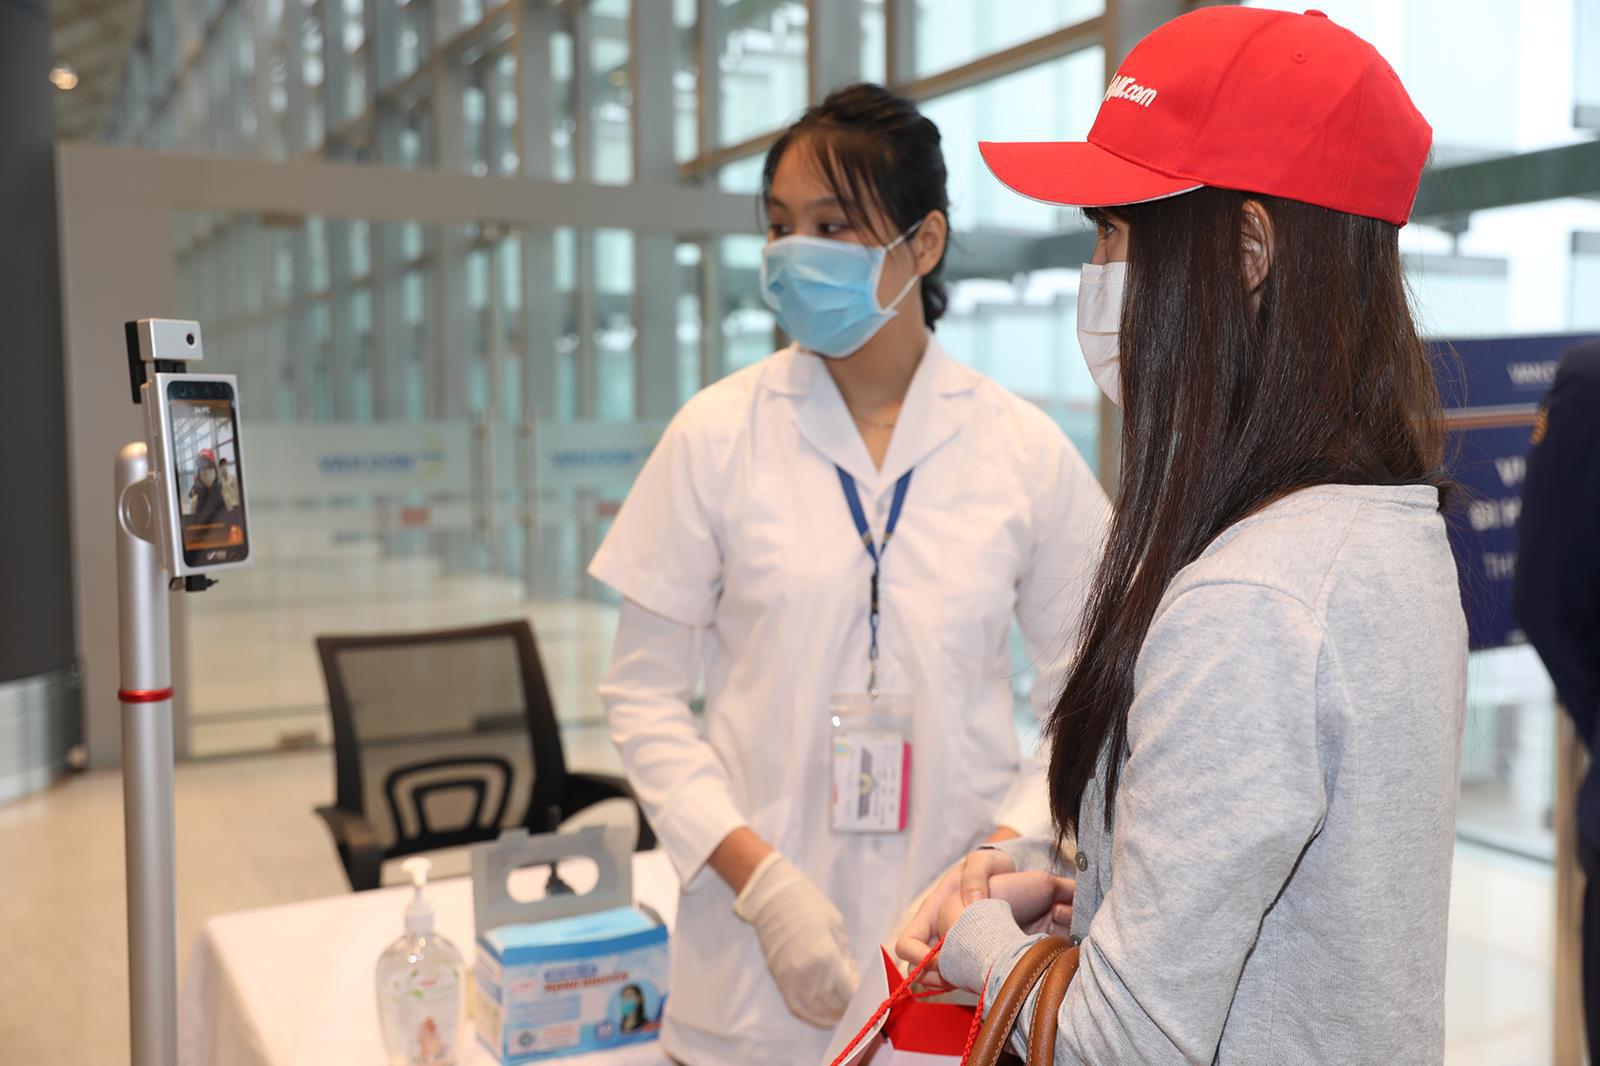 Sân bay Vân Đồn chính thức hoạt động trở lại sau hơn 1 tháng đóng cửa - Ảnh 7.